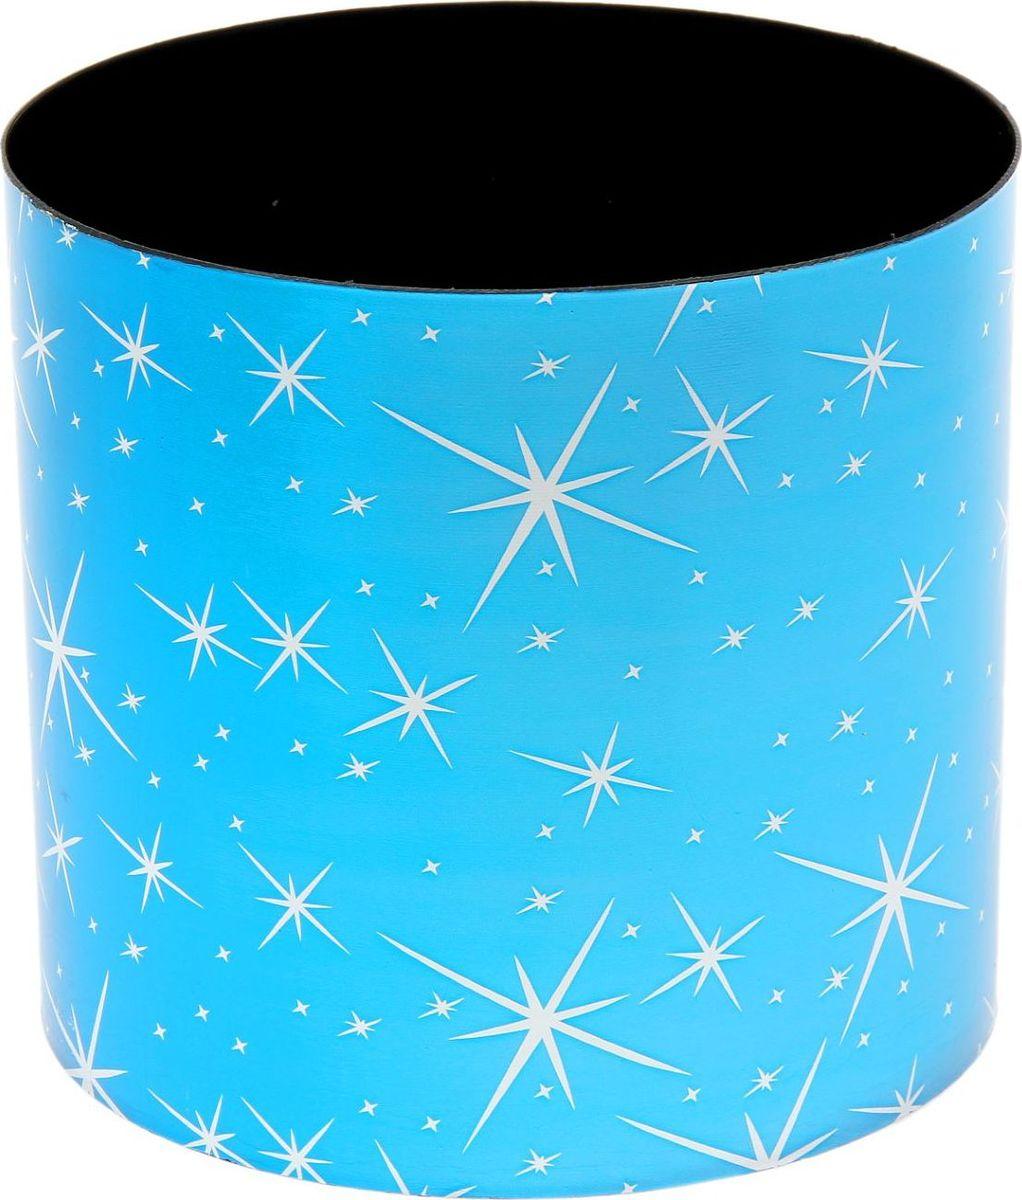 Горшок для цветов Simple Garden Звезды, со скрытым поддоном, цвет: голубой металлик, 5,1 л1915388Любой, даже самый современный и продуманный интерьер будет незавершенным без растений. Они не только очищают воздух и насыщают его кислородом, но и украшают окружающее пространство. Такому полезному члену семьи просто необходим красивый и функциональный дом! Оптимальный выбор материала — пластмасса! Почему мы так считаем? Малый вес. С легкостью переносите горшки и кашпо с места на место, ставьте их на столики или полки, не беспокоясь о нагрузке. Простота ухода. Кашпо не нуждается в специальных условиях хранения. Его легко чистить — достаточно просто сполоснуть теплой водой. Никаких потертостей. Такие кашпо не царапают и не загрязняют поверхности, на которых стоят. Пластик дольше хранит влагу, а значит, растение реже нуждается в поливе. Пластмасса не пропускает воздух — корневой системе растения не грозят резкие перепады температур. Огромный выбор форм, декора и расцветок — вы без труда найдете что-то, что идеально впишется в уже существующий интерьер. Соблюдая нехитрые правила ухода, вы можете заметно продлить срок службы горшков и кашпо из пластика: всегда учитывайте размер кроны и корневой системы (при разрастании большое растение способно повредить маленький горшок) берегите изделие от воздействия прямых солнечных лучей, чтобы горшки не выцветали держите кашпо из пластика подальше от нагревающихся поверхностей. Создавайте прекрасные цветочные композиции, выращивайте рассаду или необычные растения.